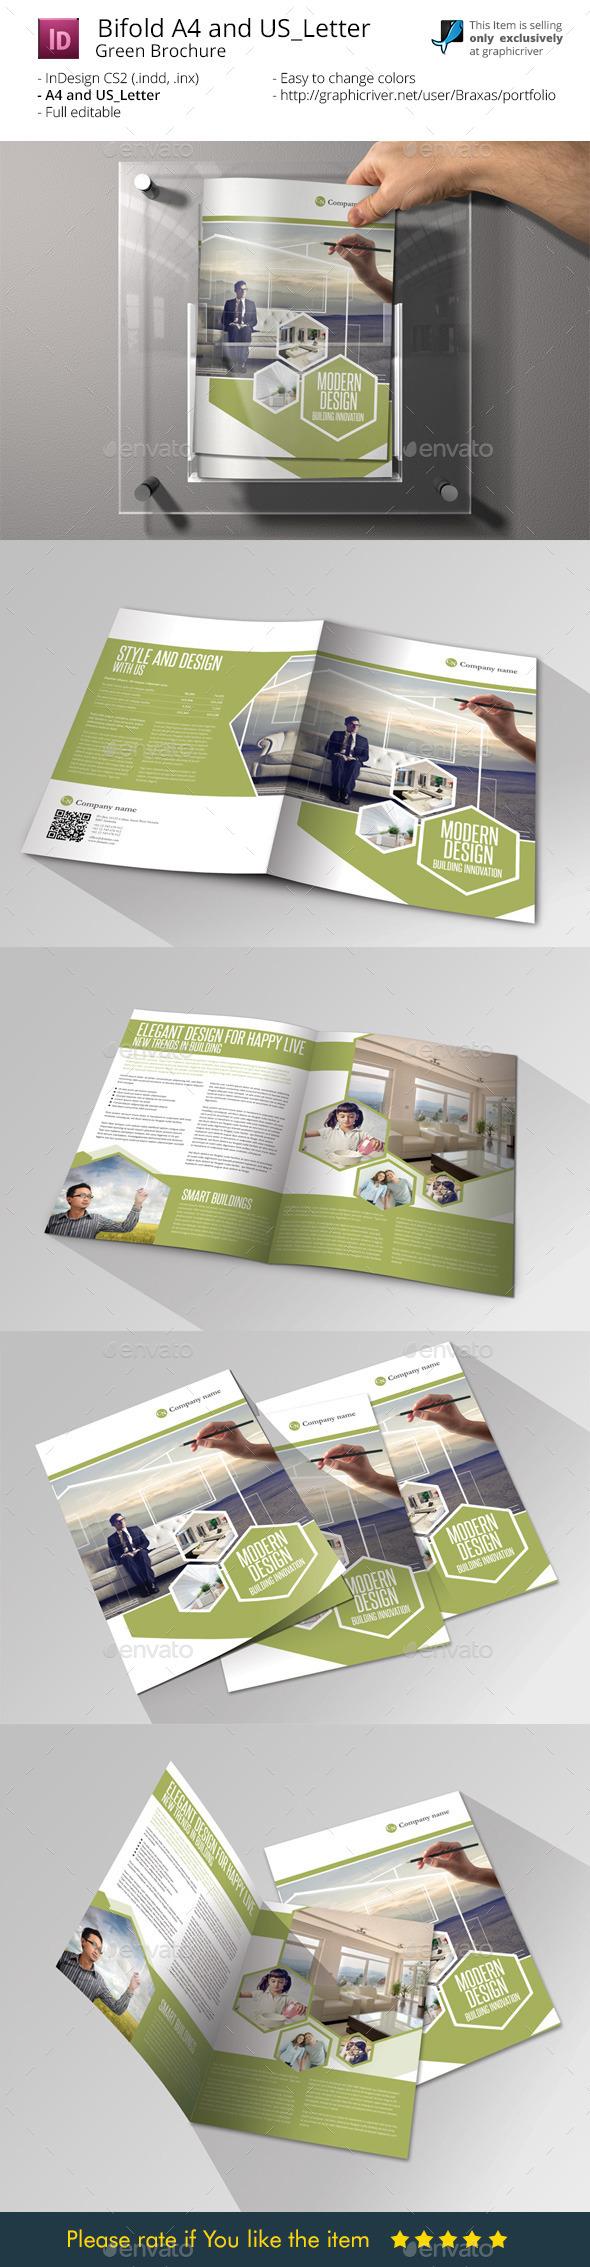 Modern Design - InDesign Bifold Brochure - Informational Brochures